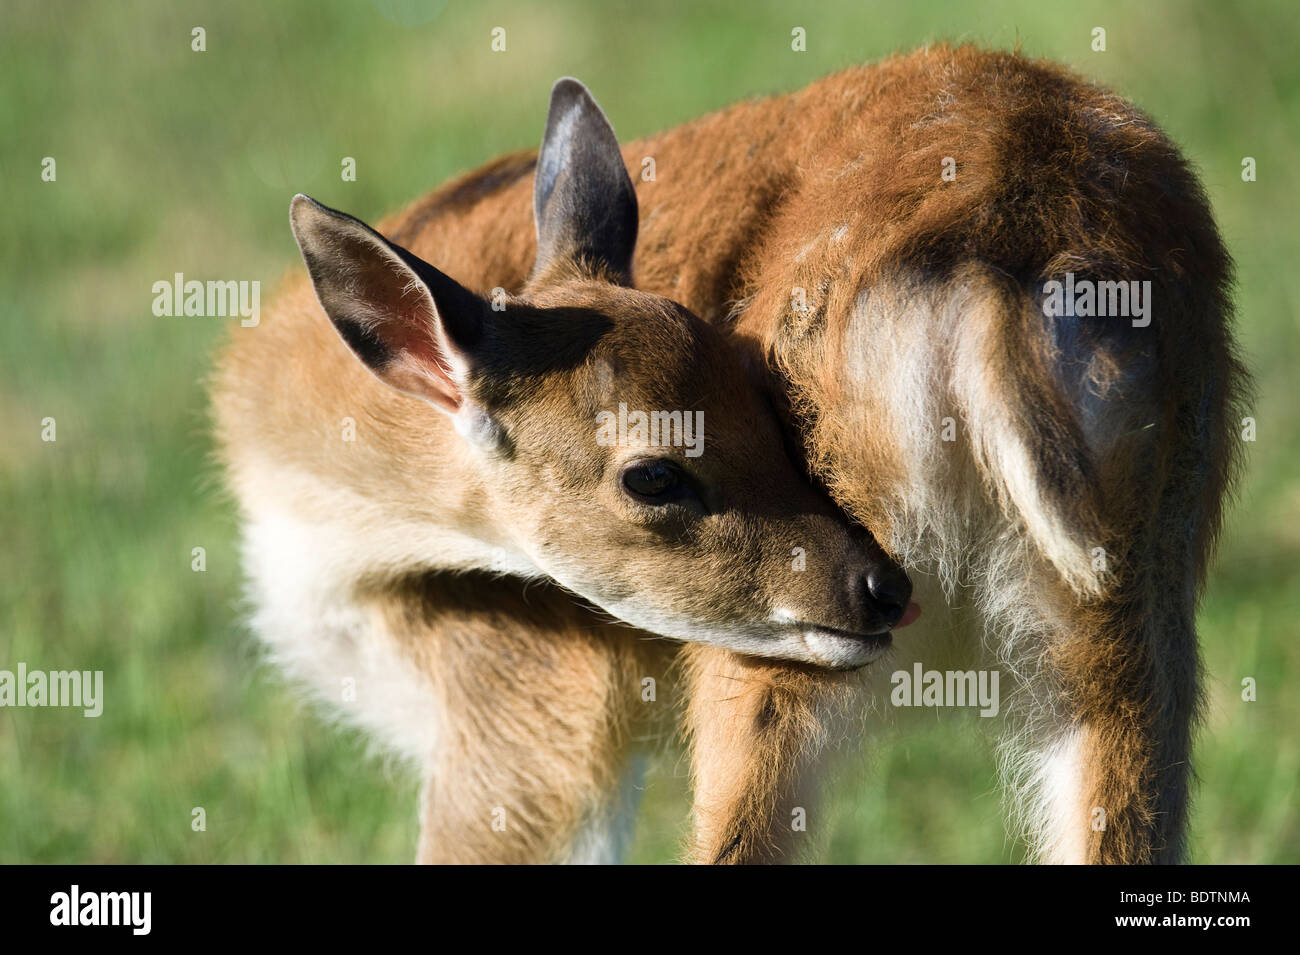 Sika (deer), Cervus nippon, young animal - Stock Image